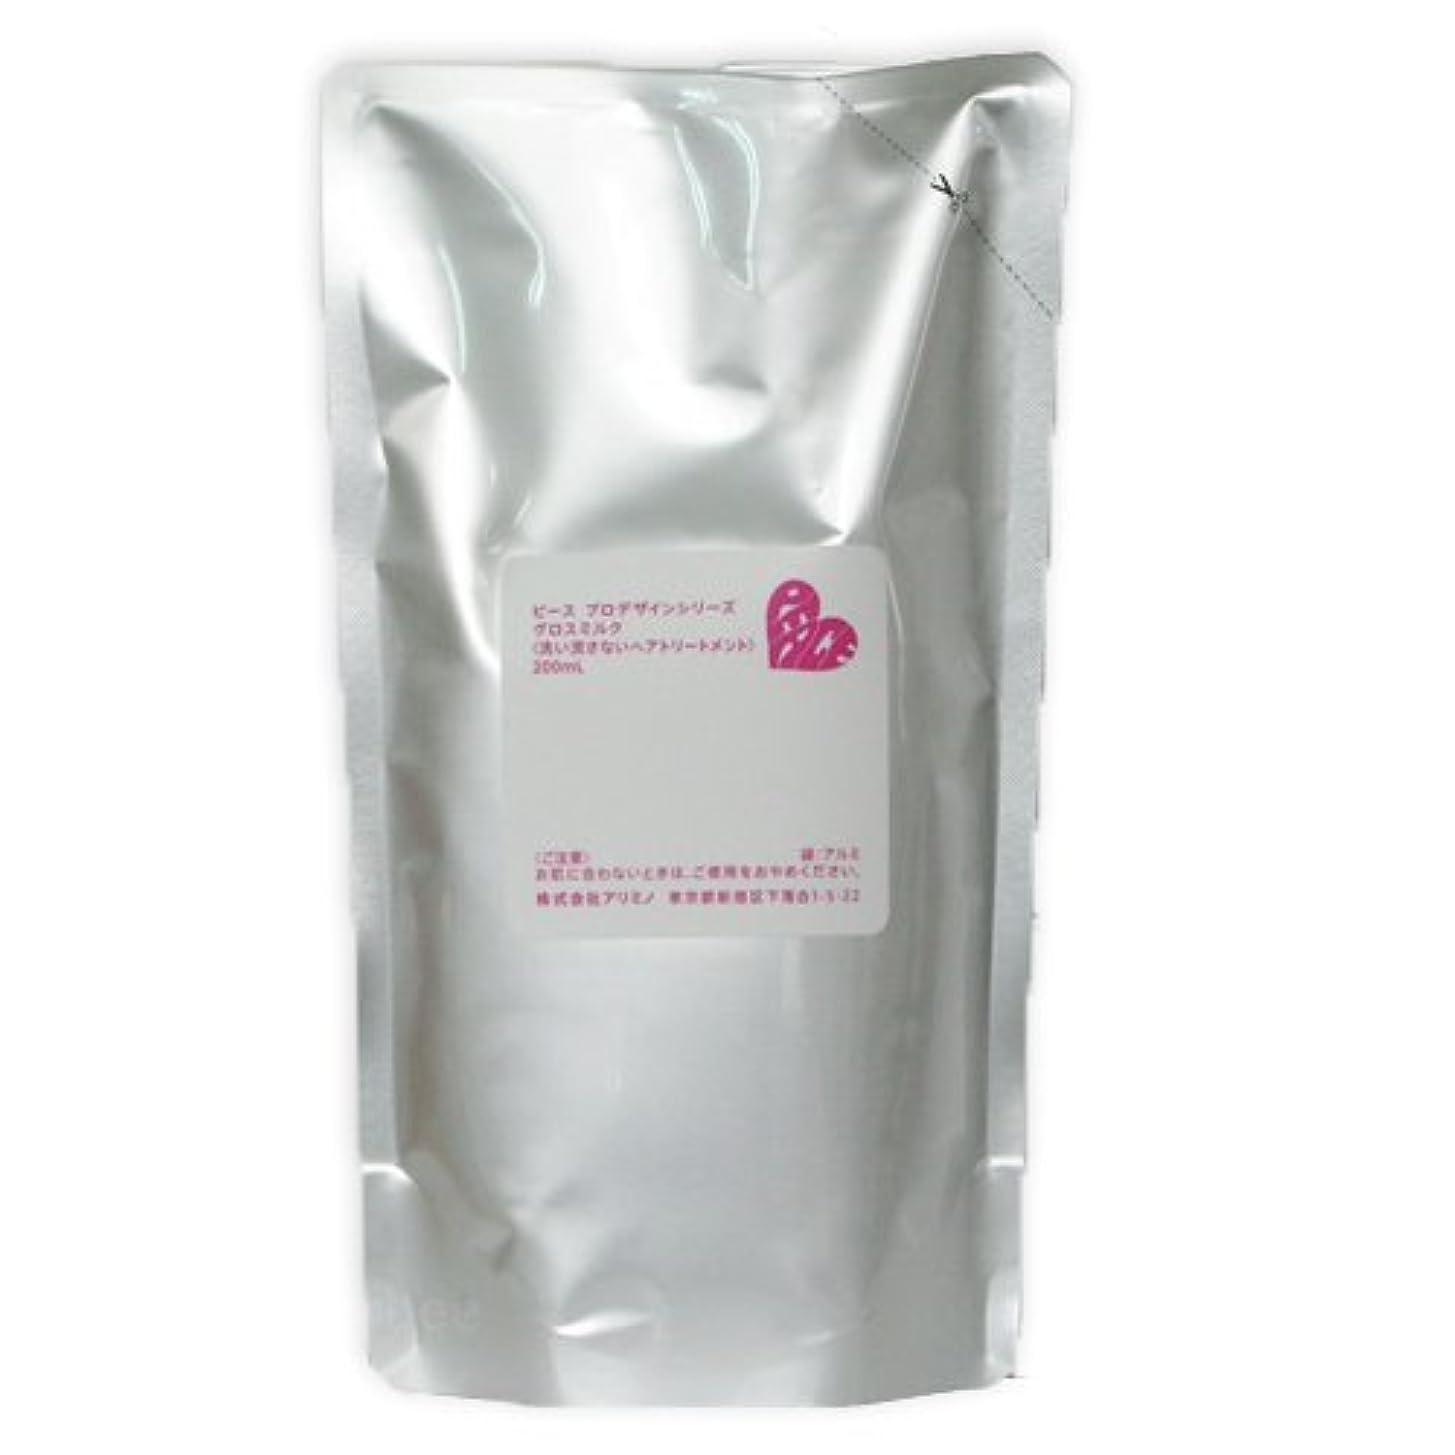 アリミノ ピース グロスミルク ホワイト 200mL 詰め替え リフィル